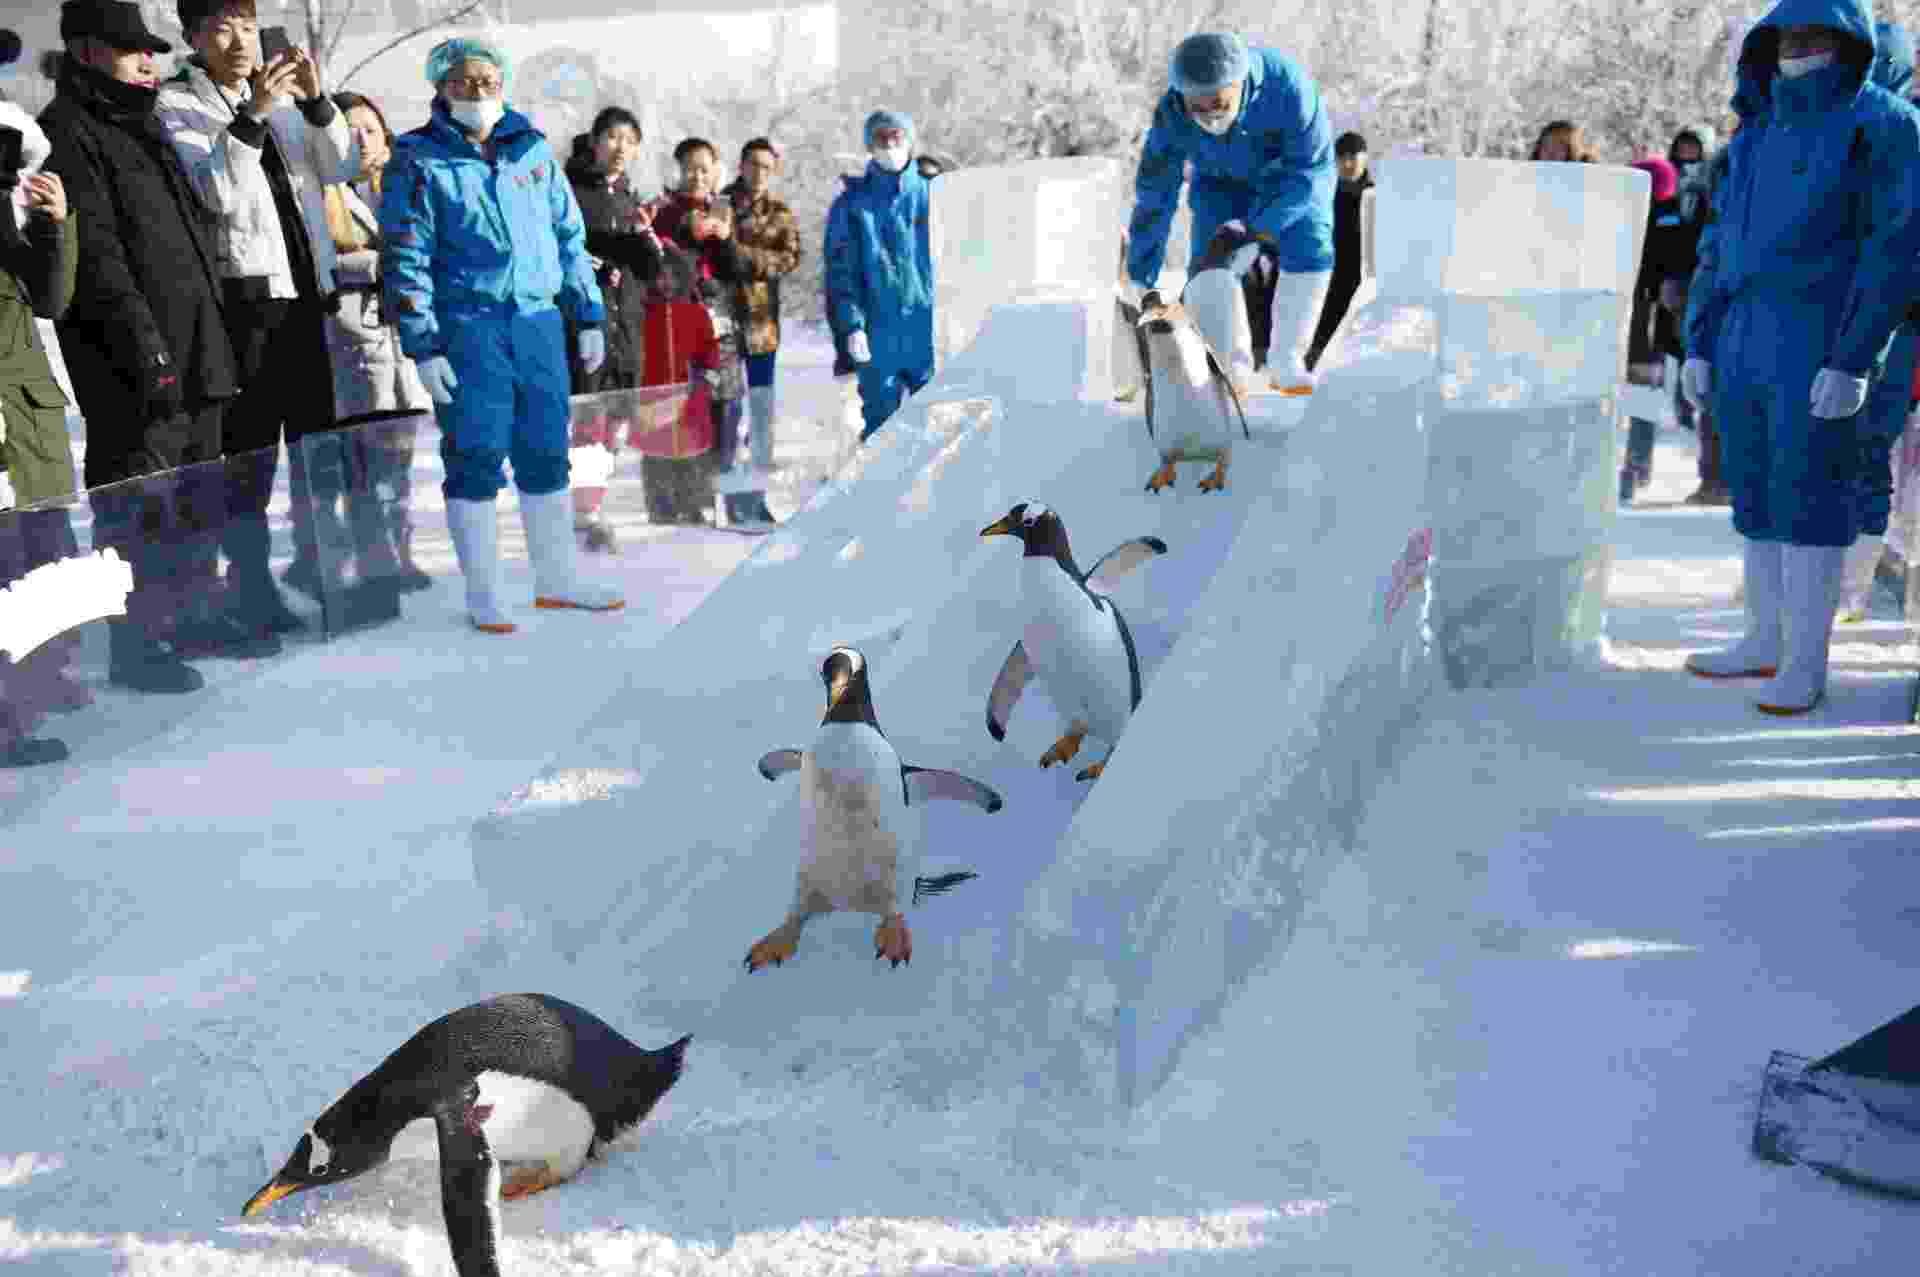 26.dez.2016 - Precisando dar uma refrescada? Pinguins do parque temático Harbin Polarland, na China, aproveitam um escorregador de gelo para se divertirem nesta segunda (26) - Xinhua/Wang Jianwei